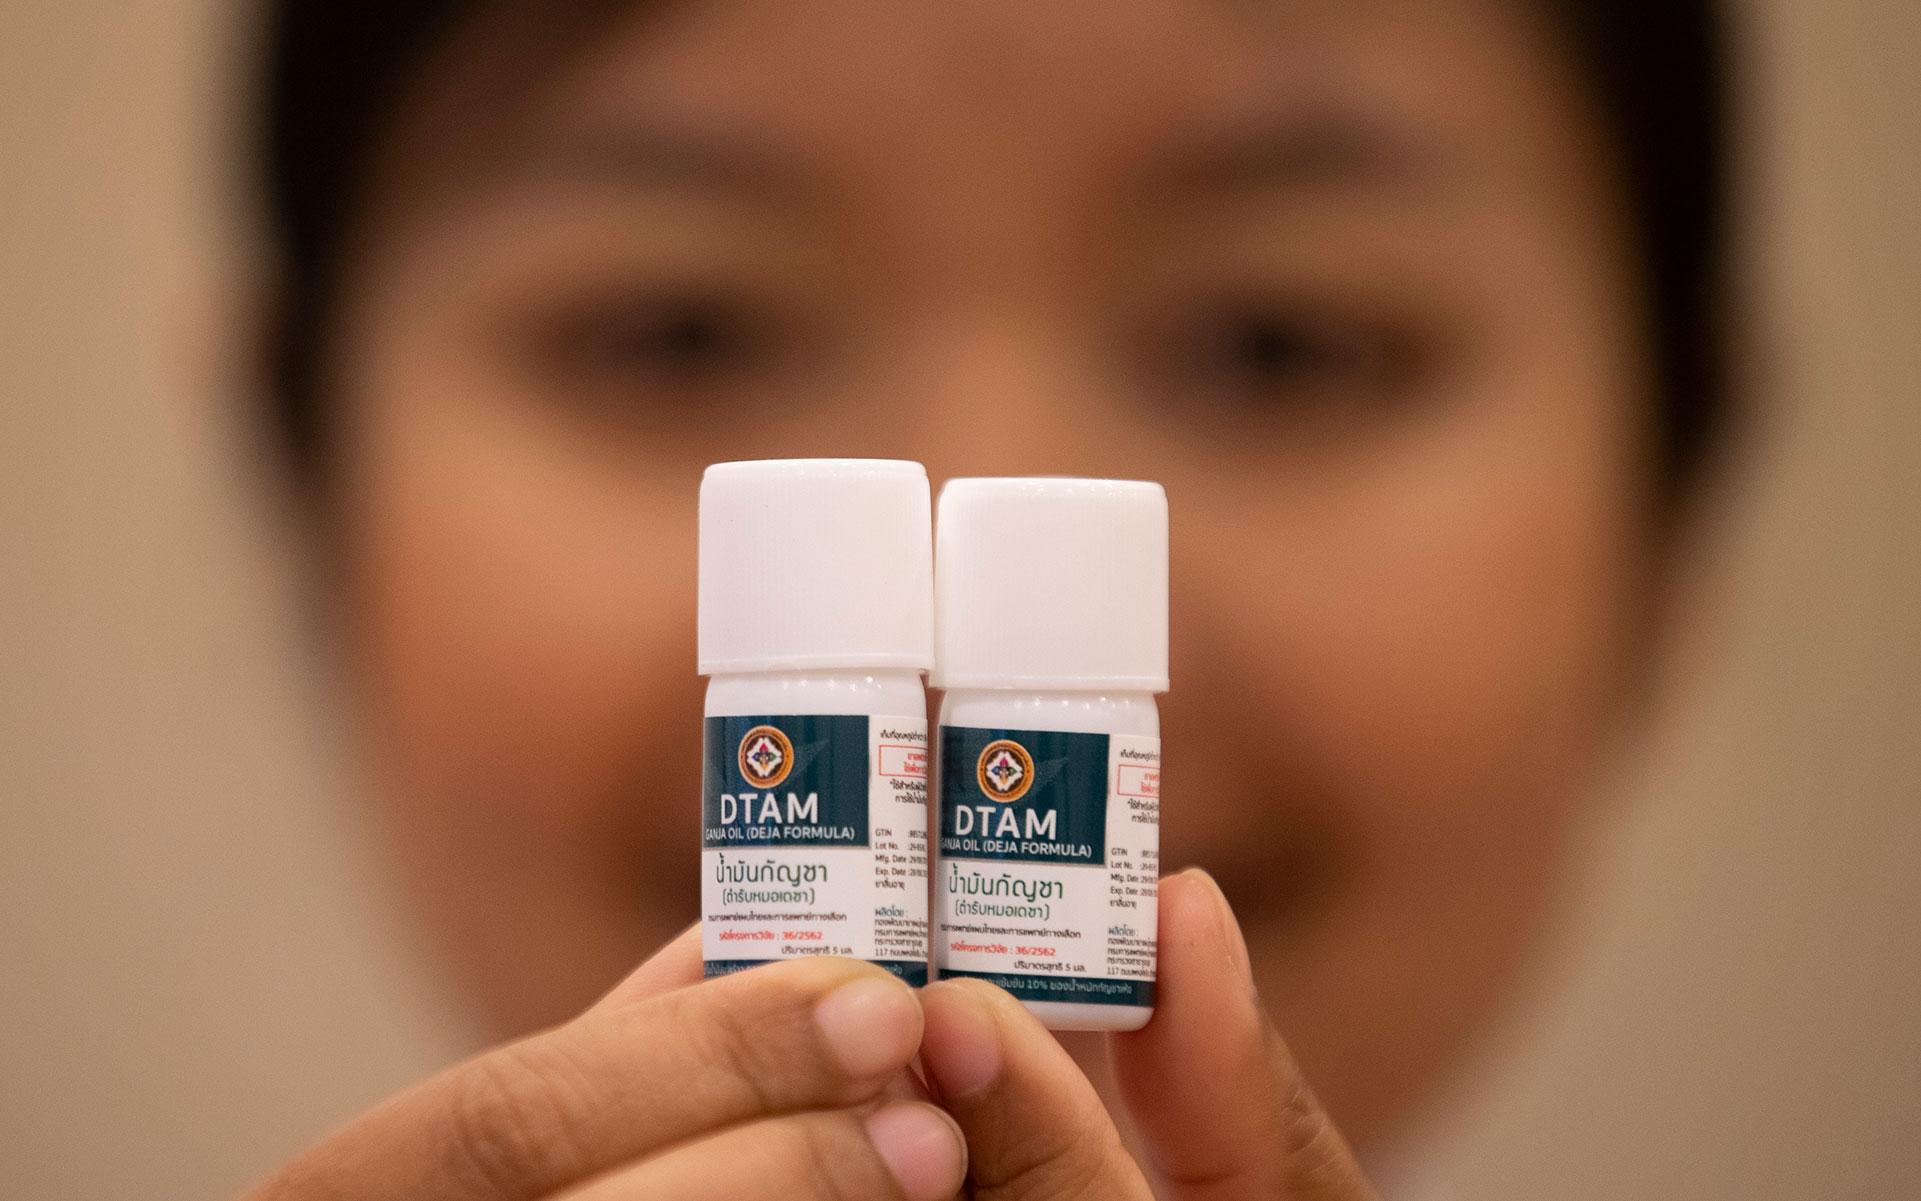 thailand cannabis access, cannabis oil clinic in thailand, can you get cannabis in thailand, is cannabis legal in thailand